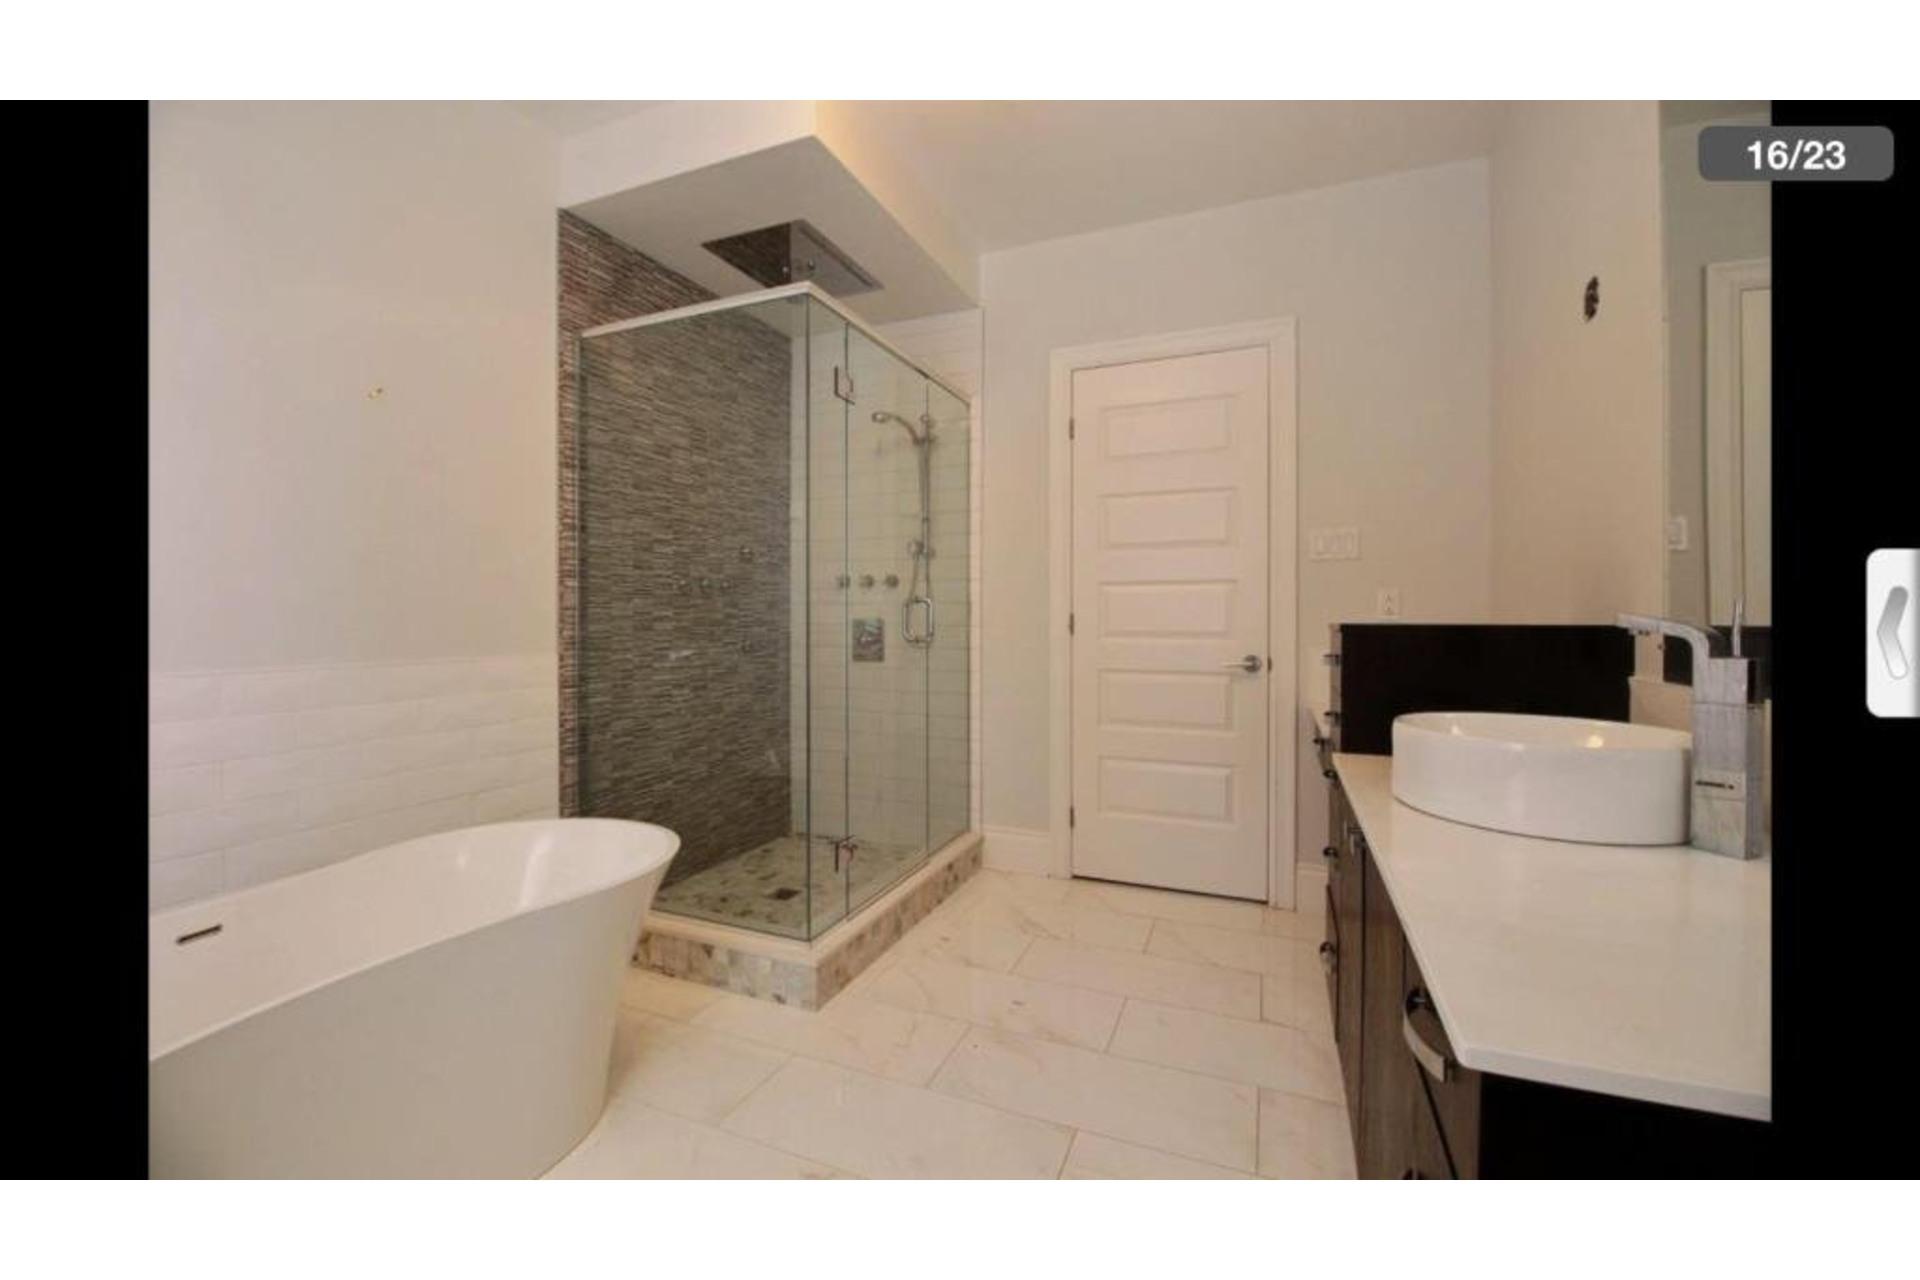 image 11 - Apartment For rent Montréal Saint-Laurent  - 10 rooms